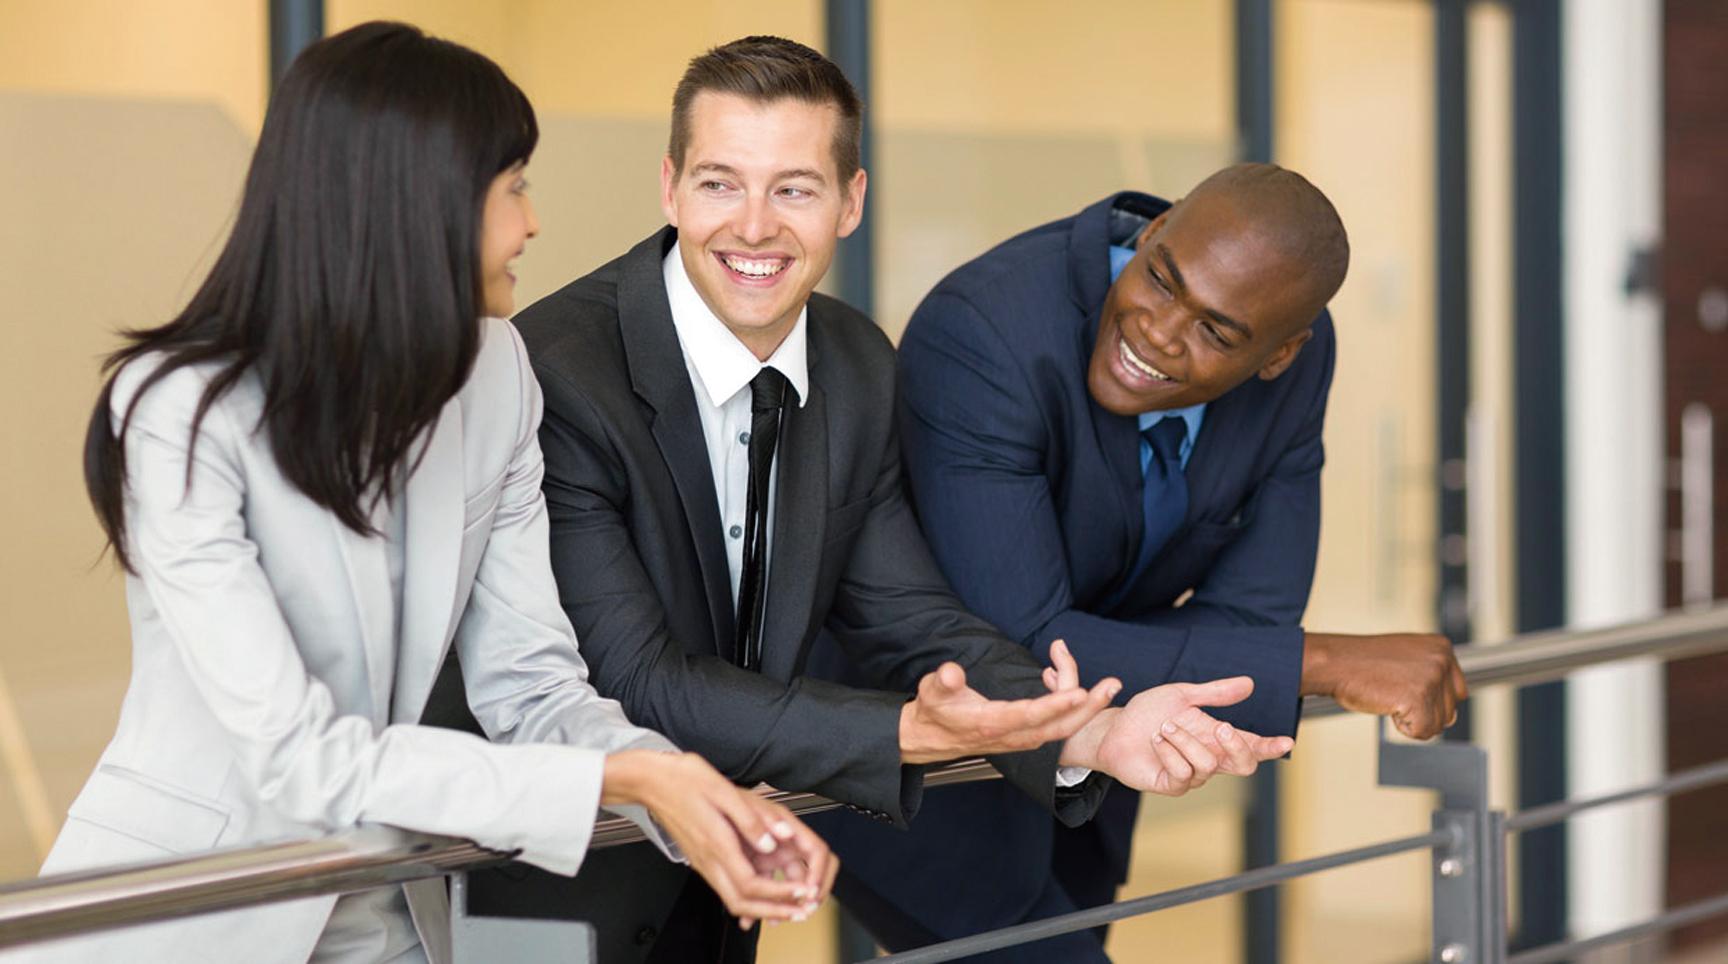 閒聊能力也是一種職場技能